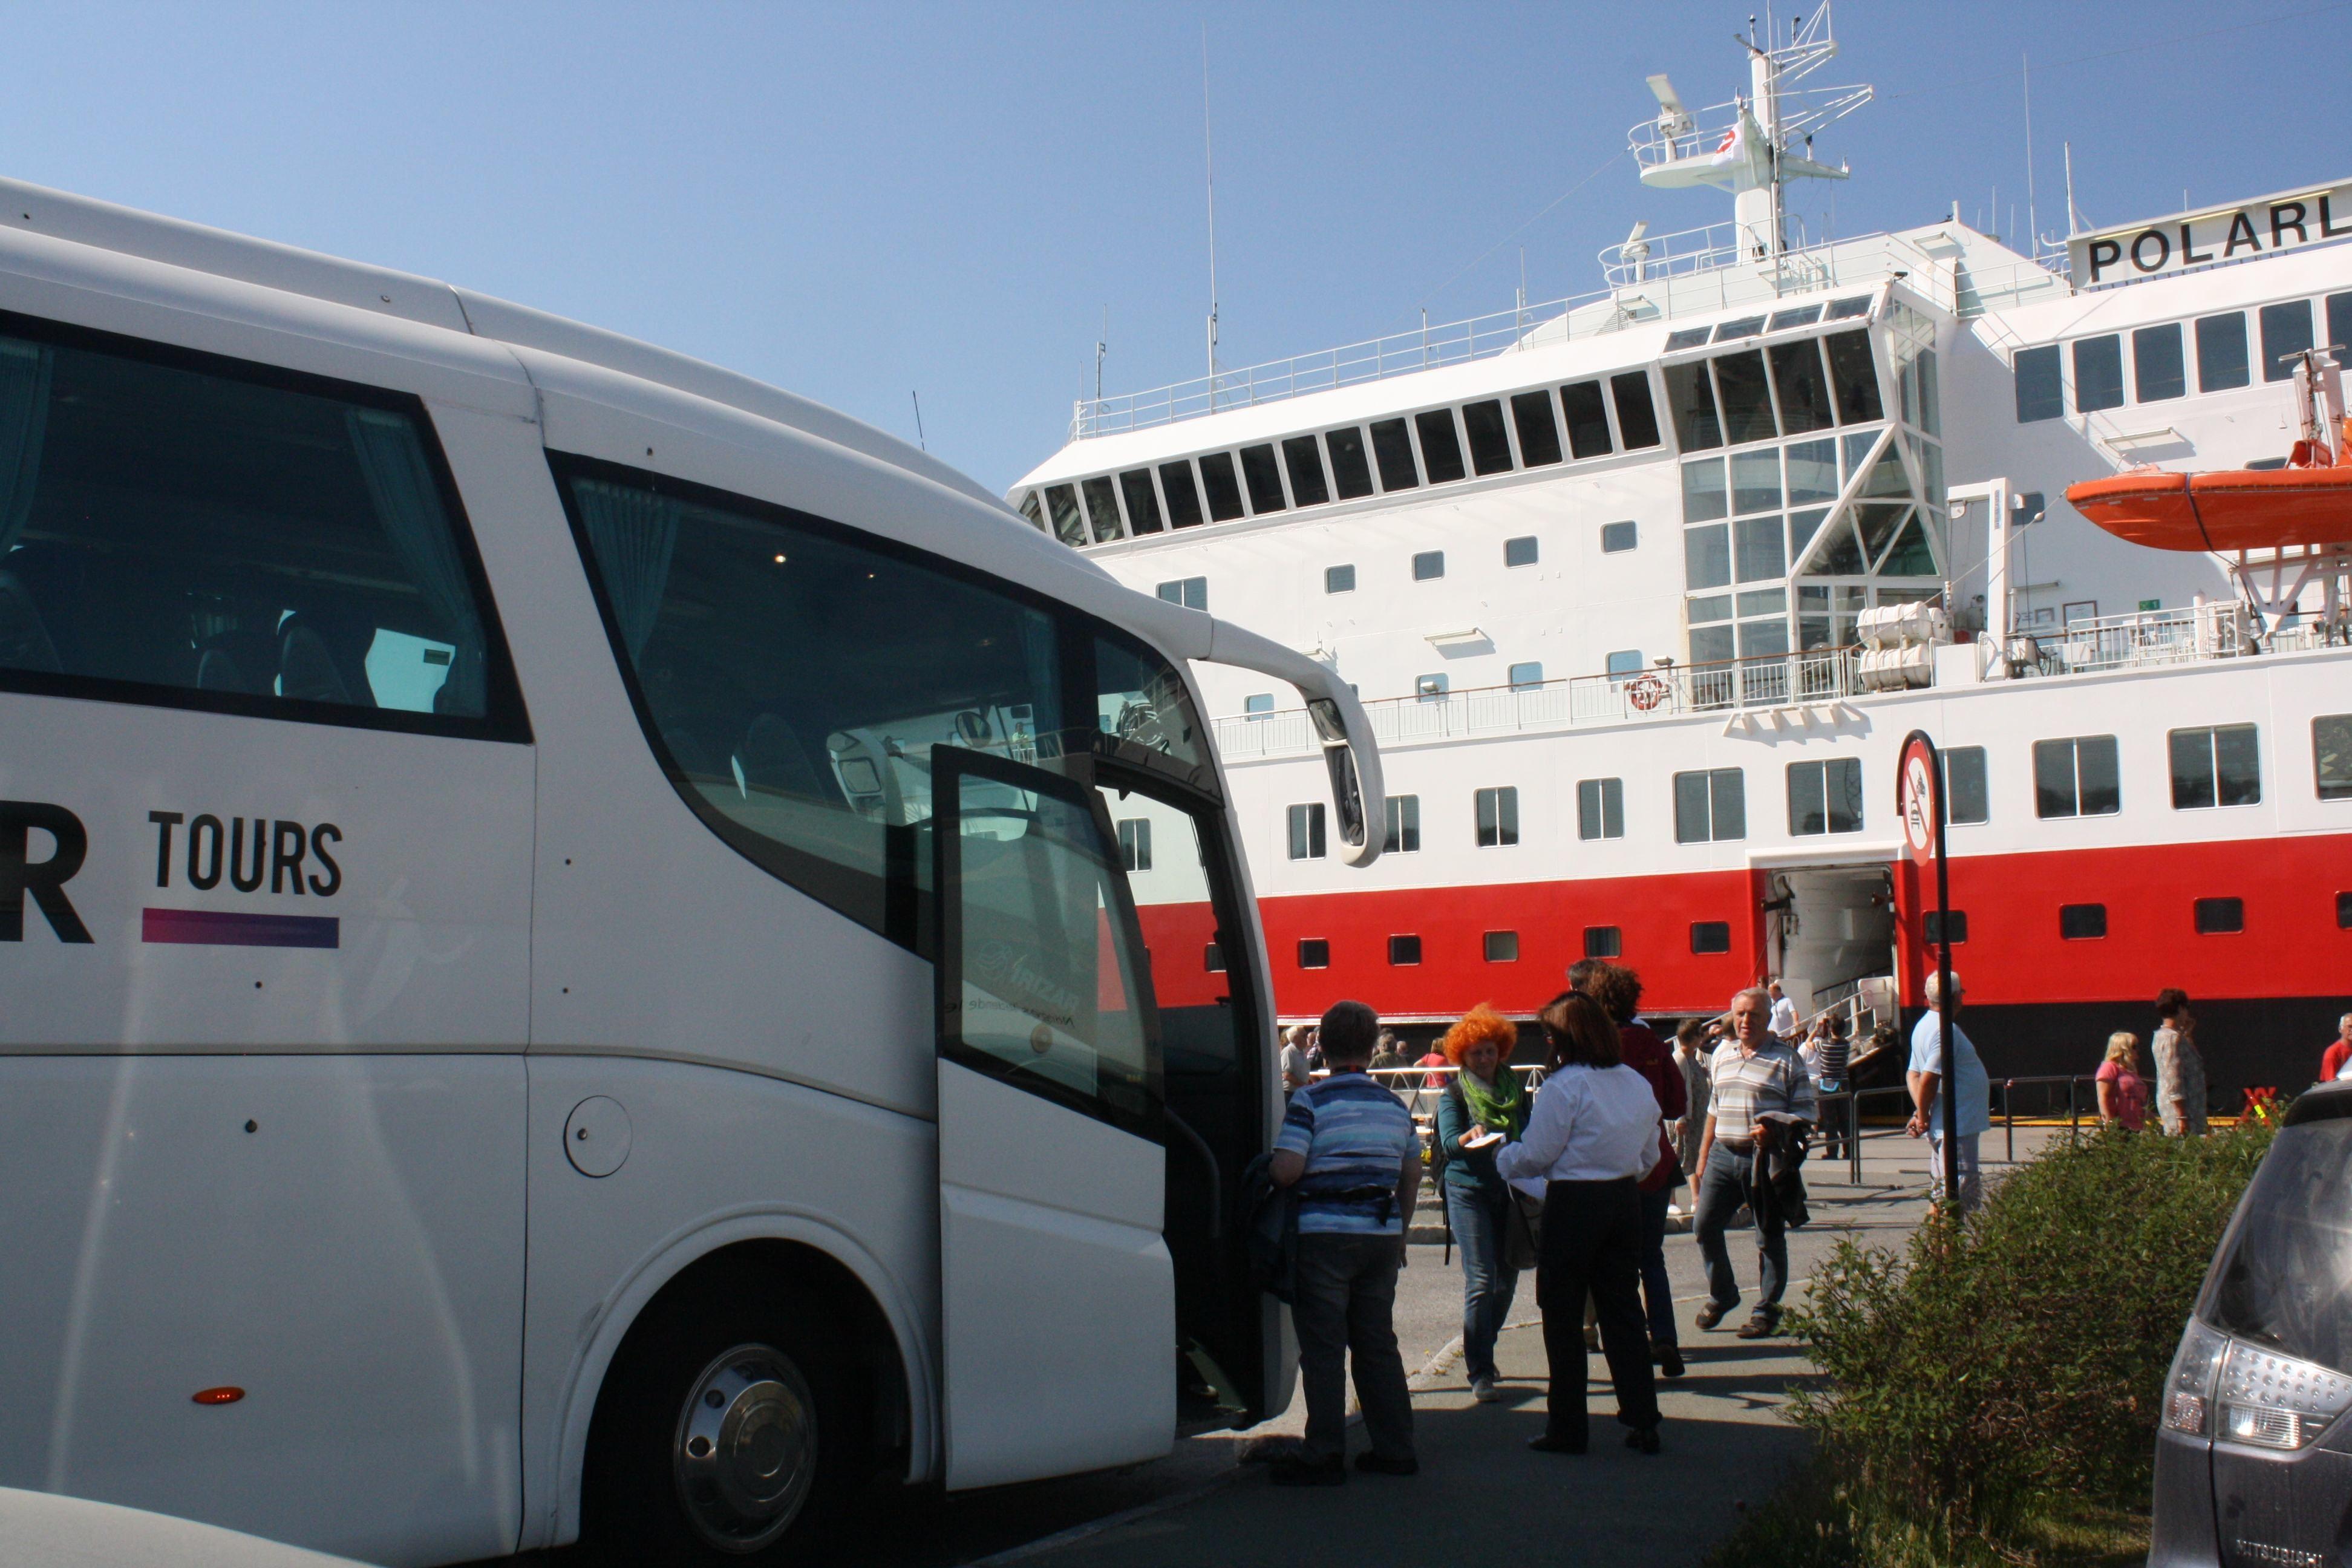 Polar Tours AS